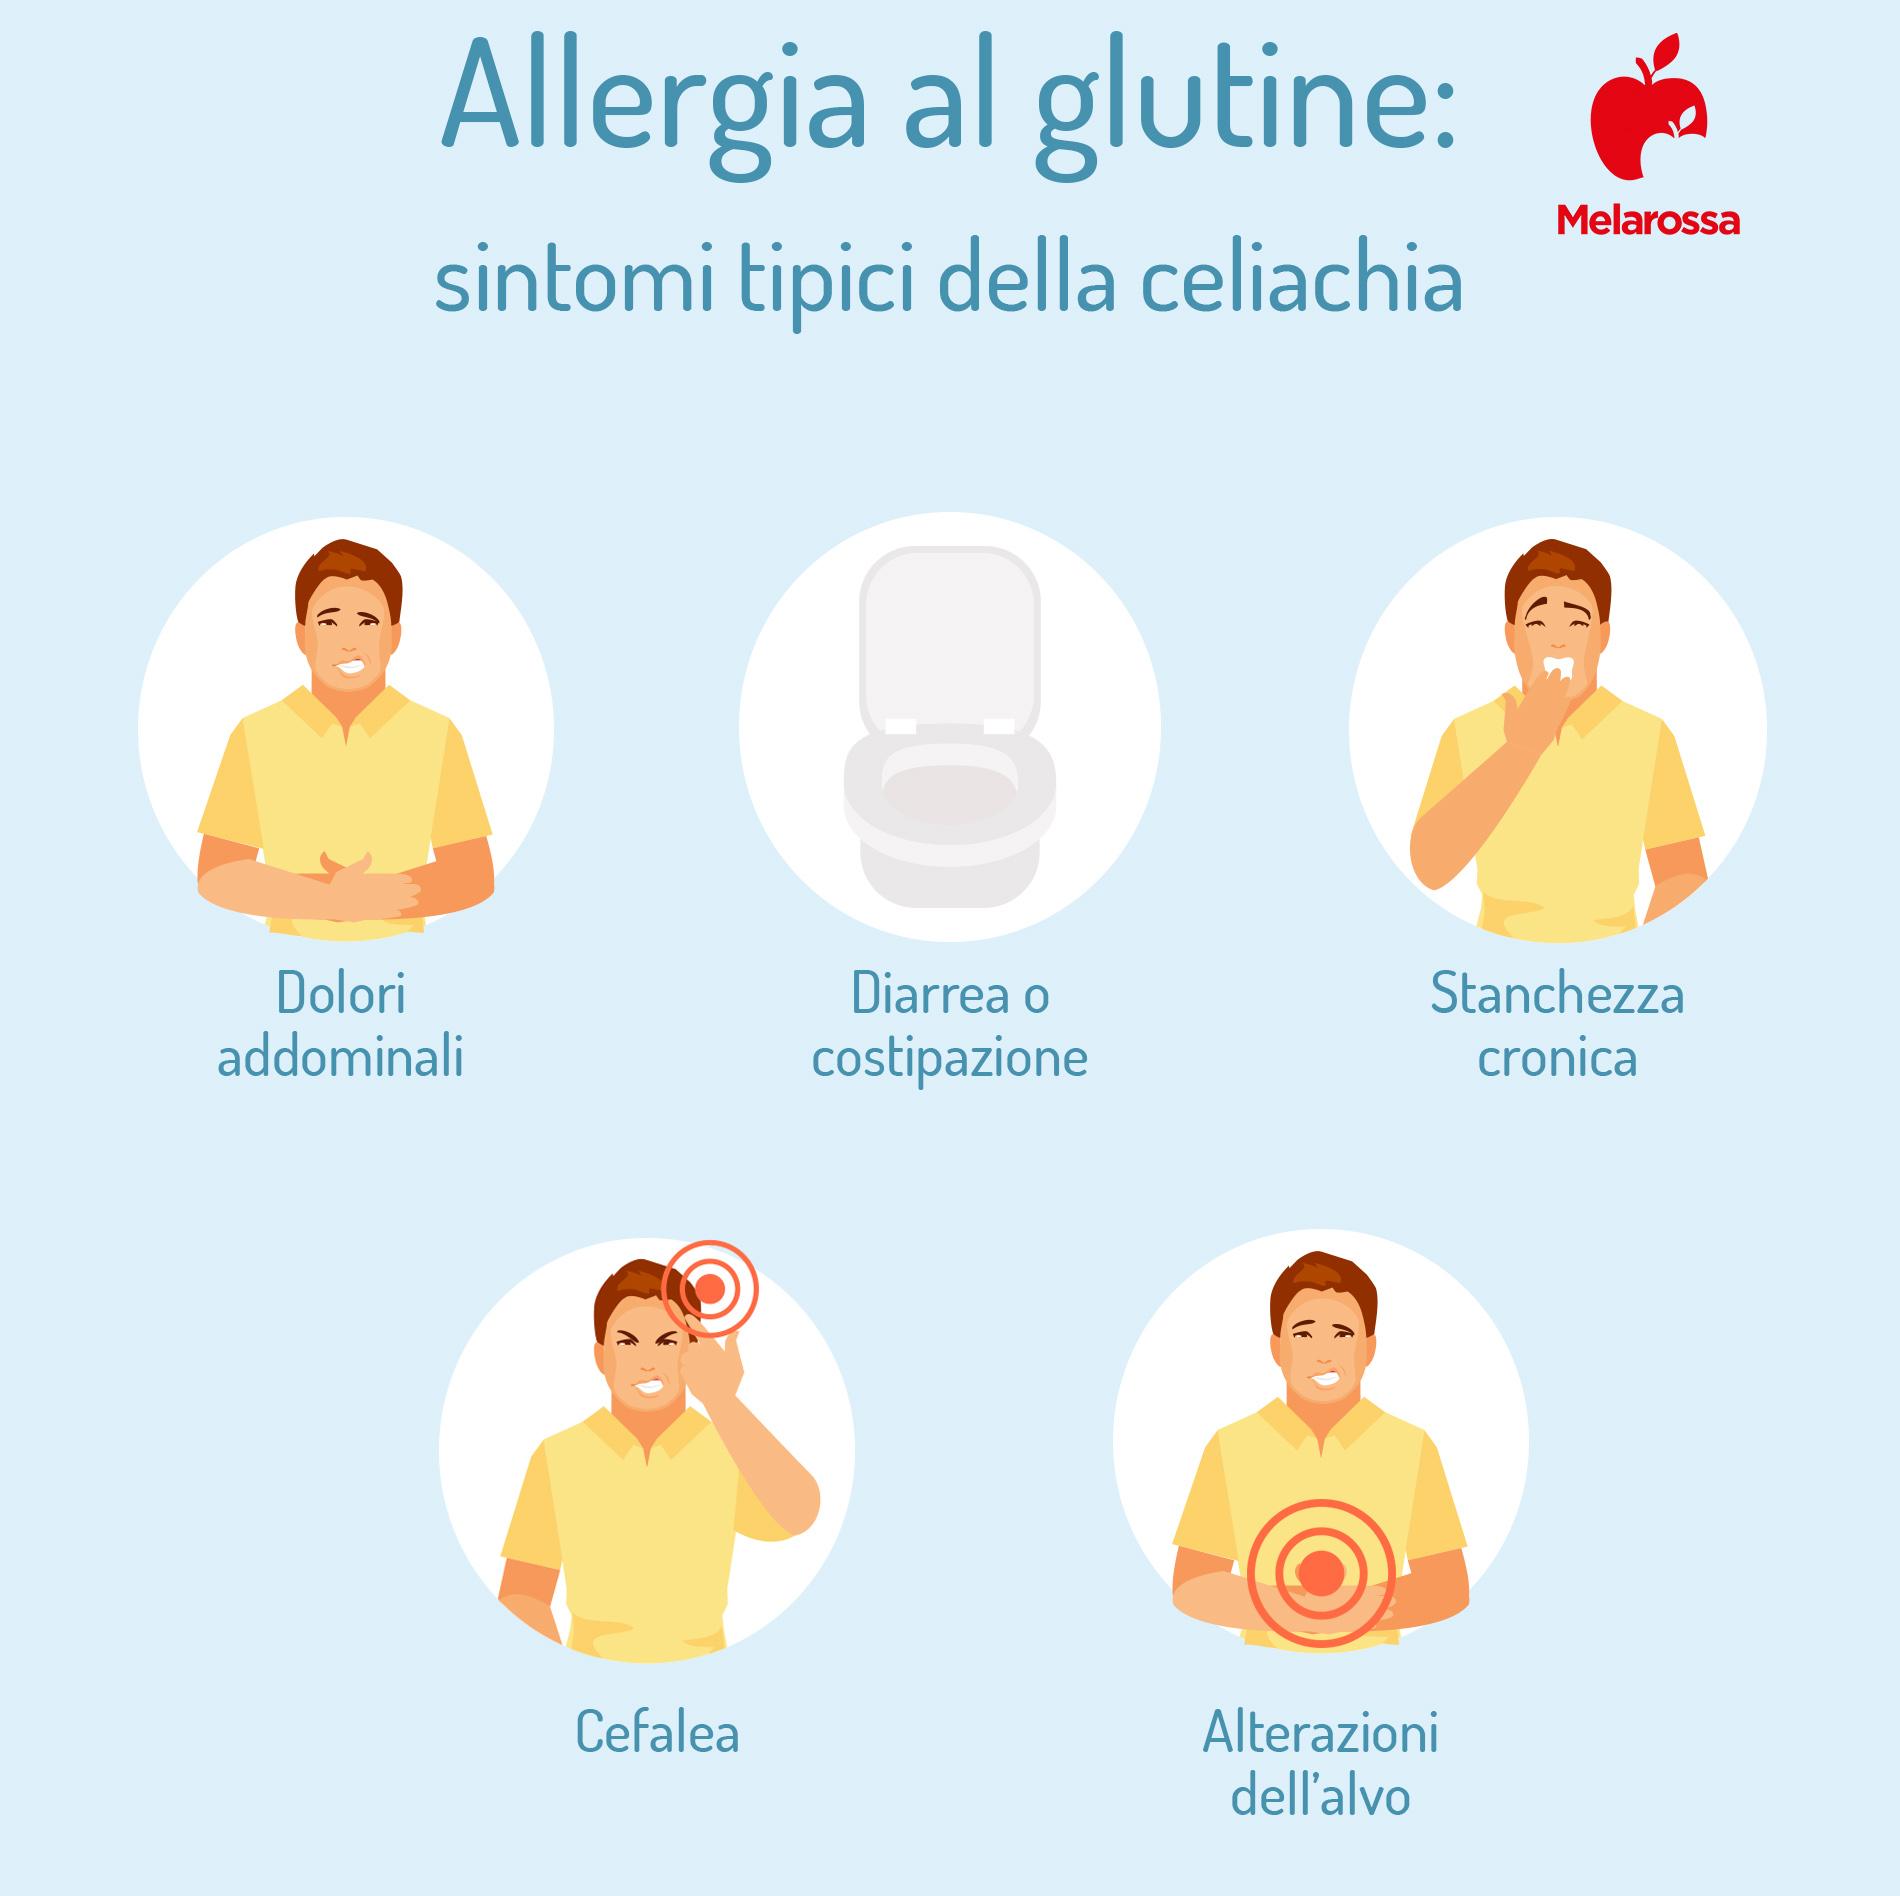 allergia al glutine: sintomi